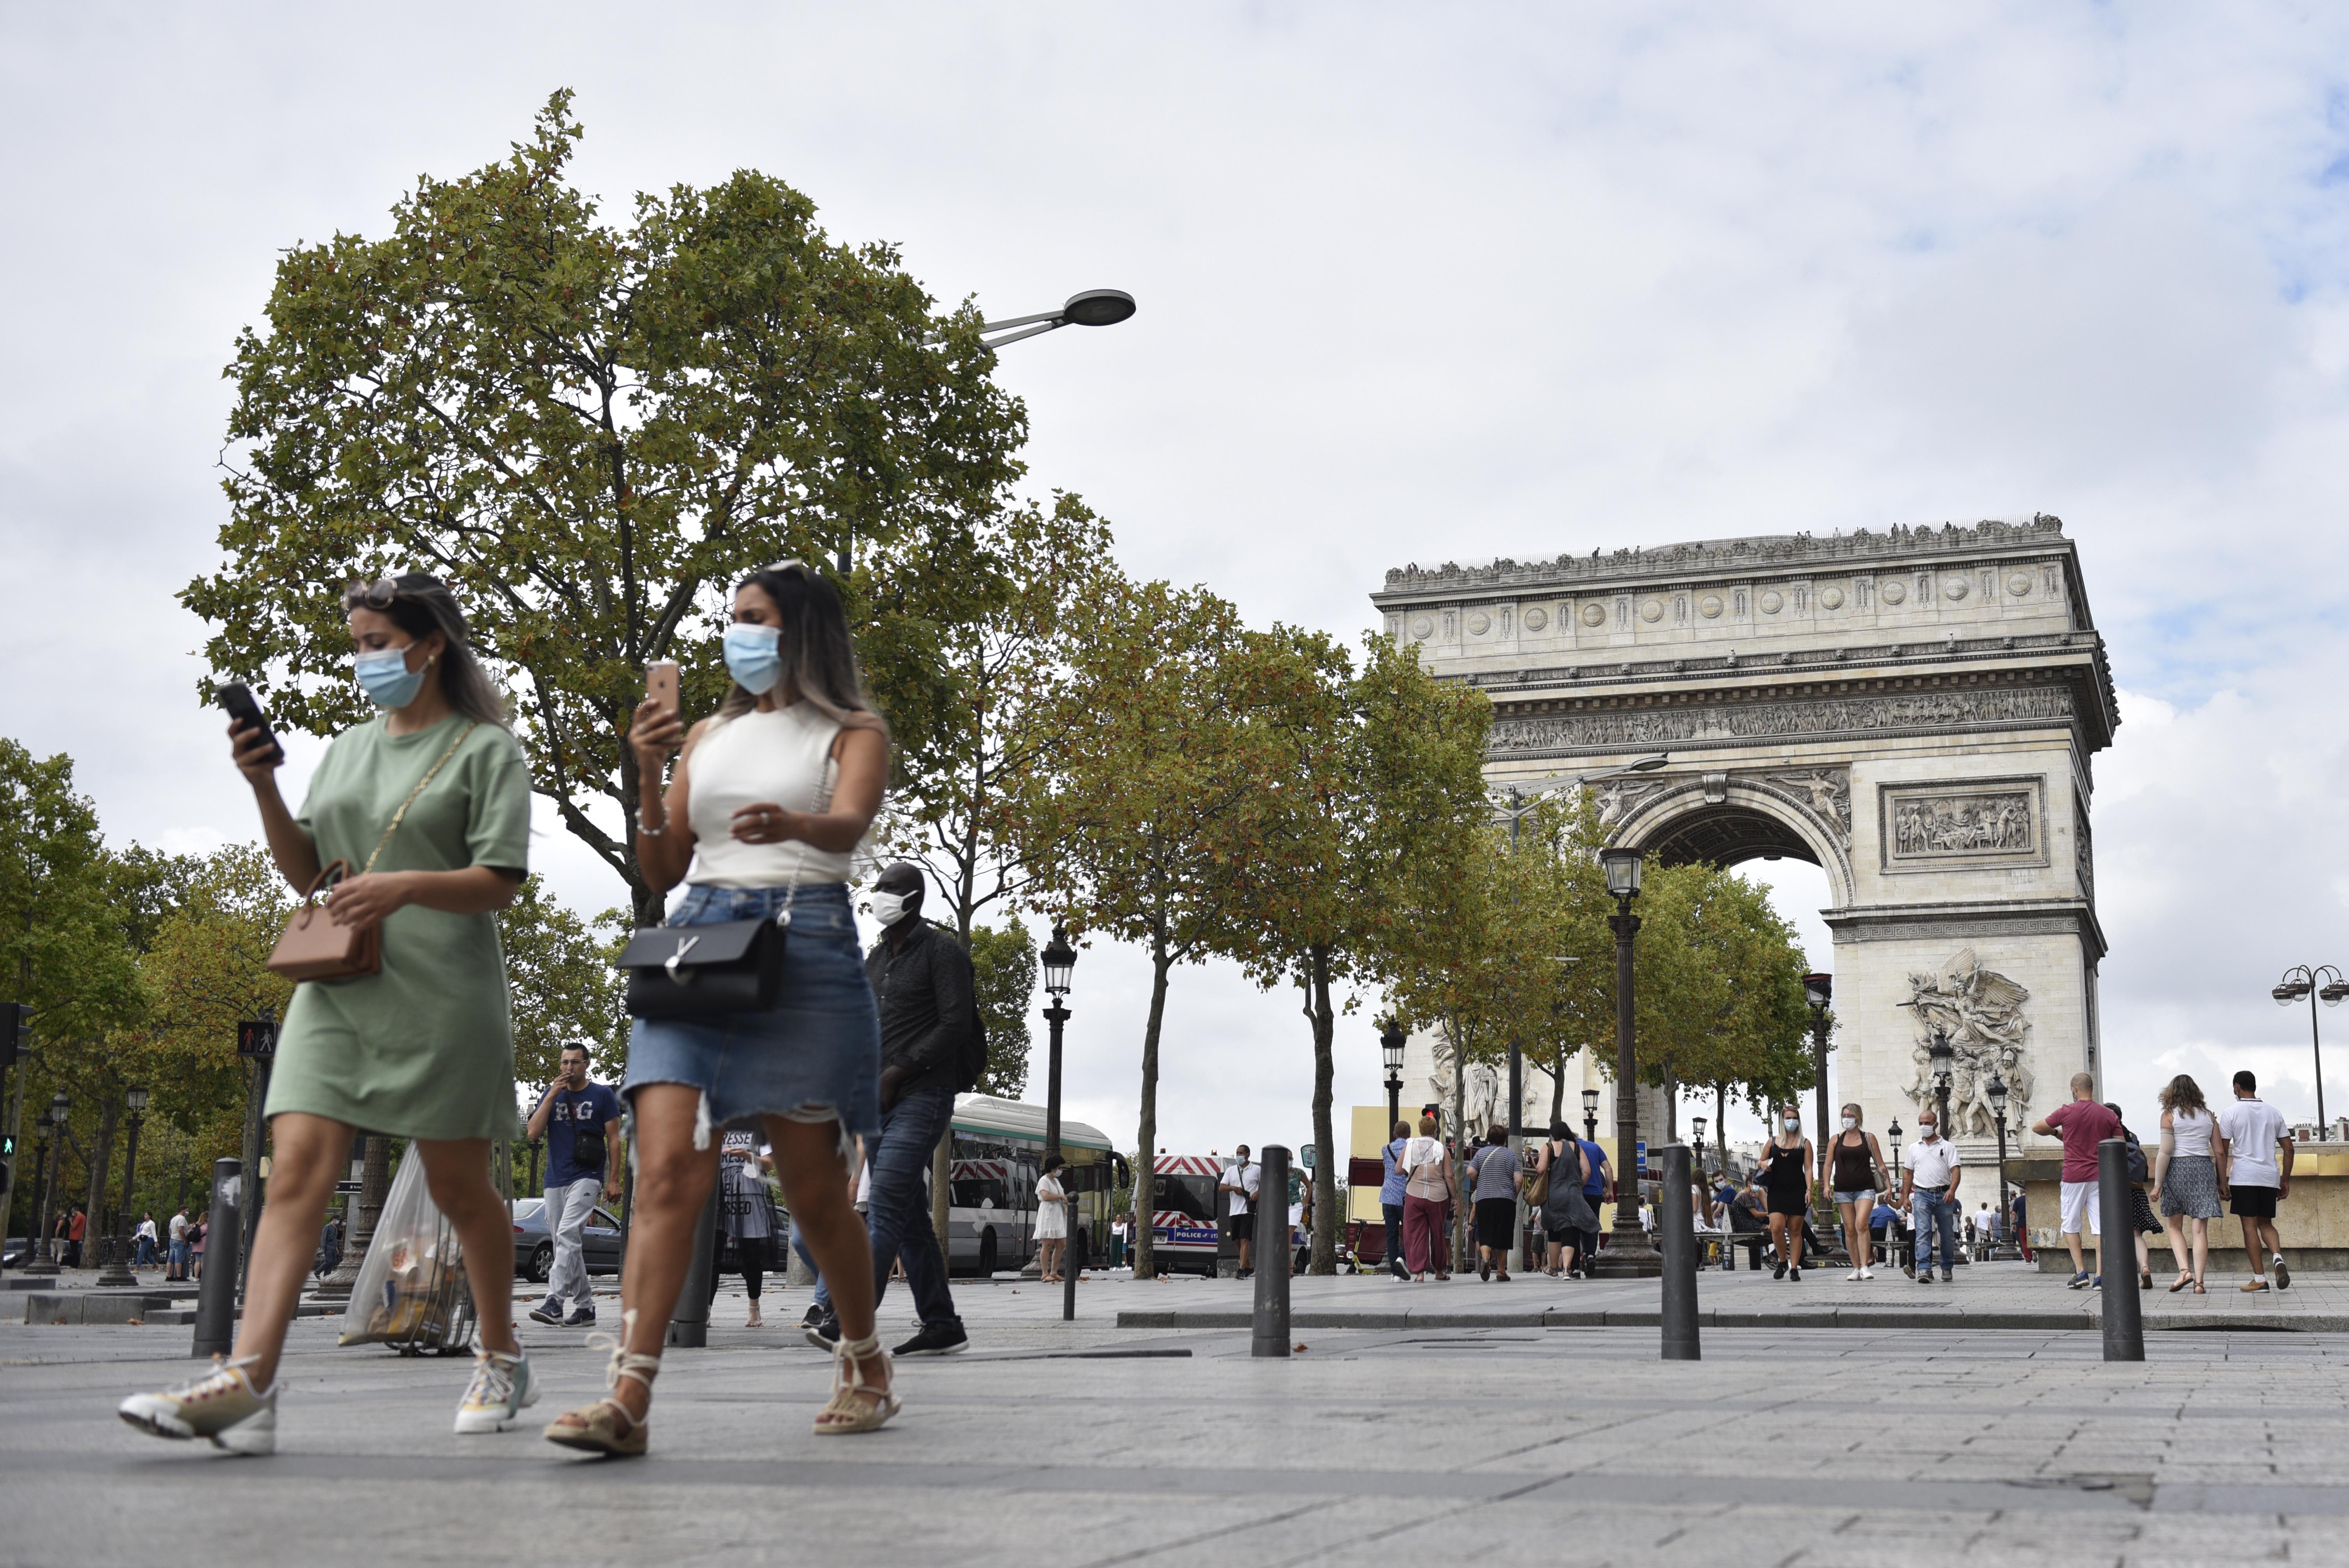 Fransa da iş yerlerinde maske takma zorunluluğu getirildi #6